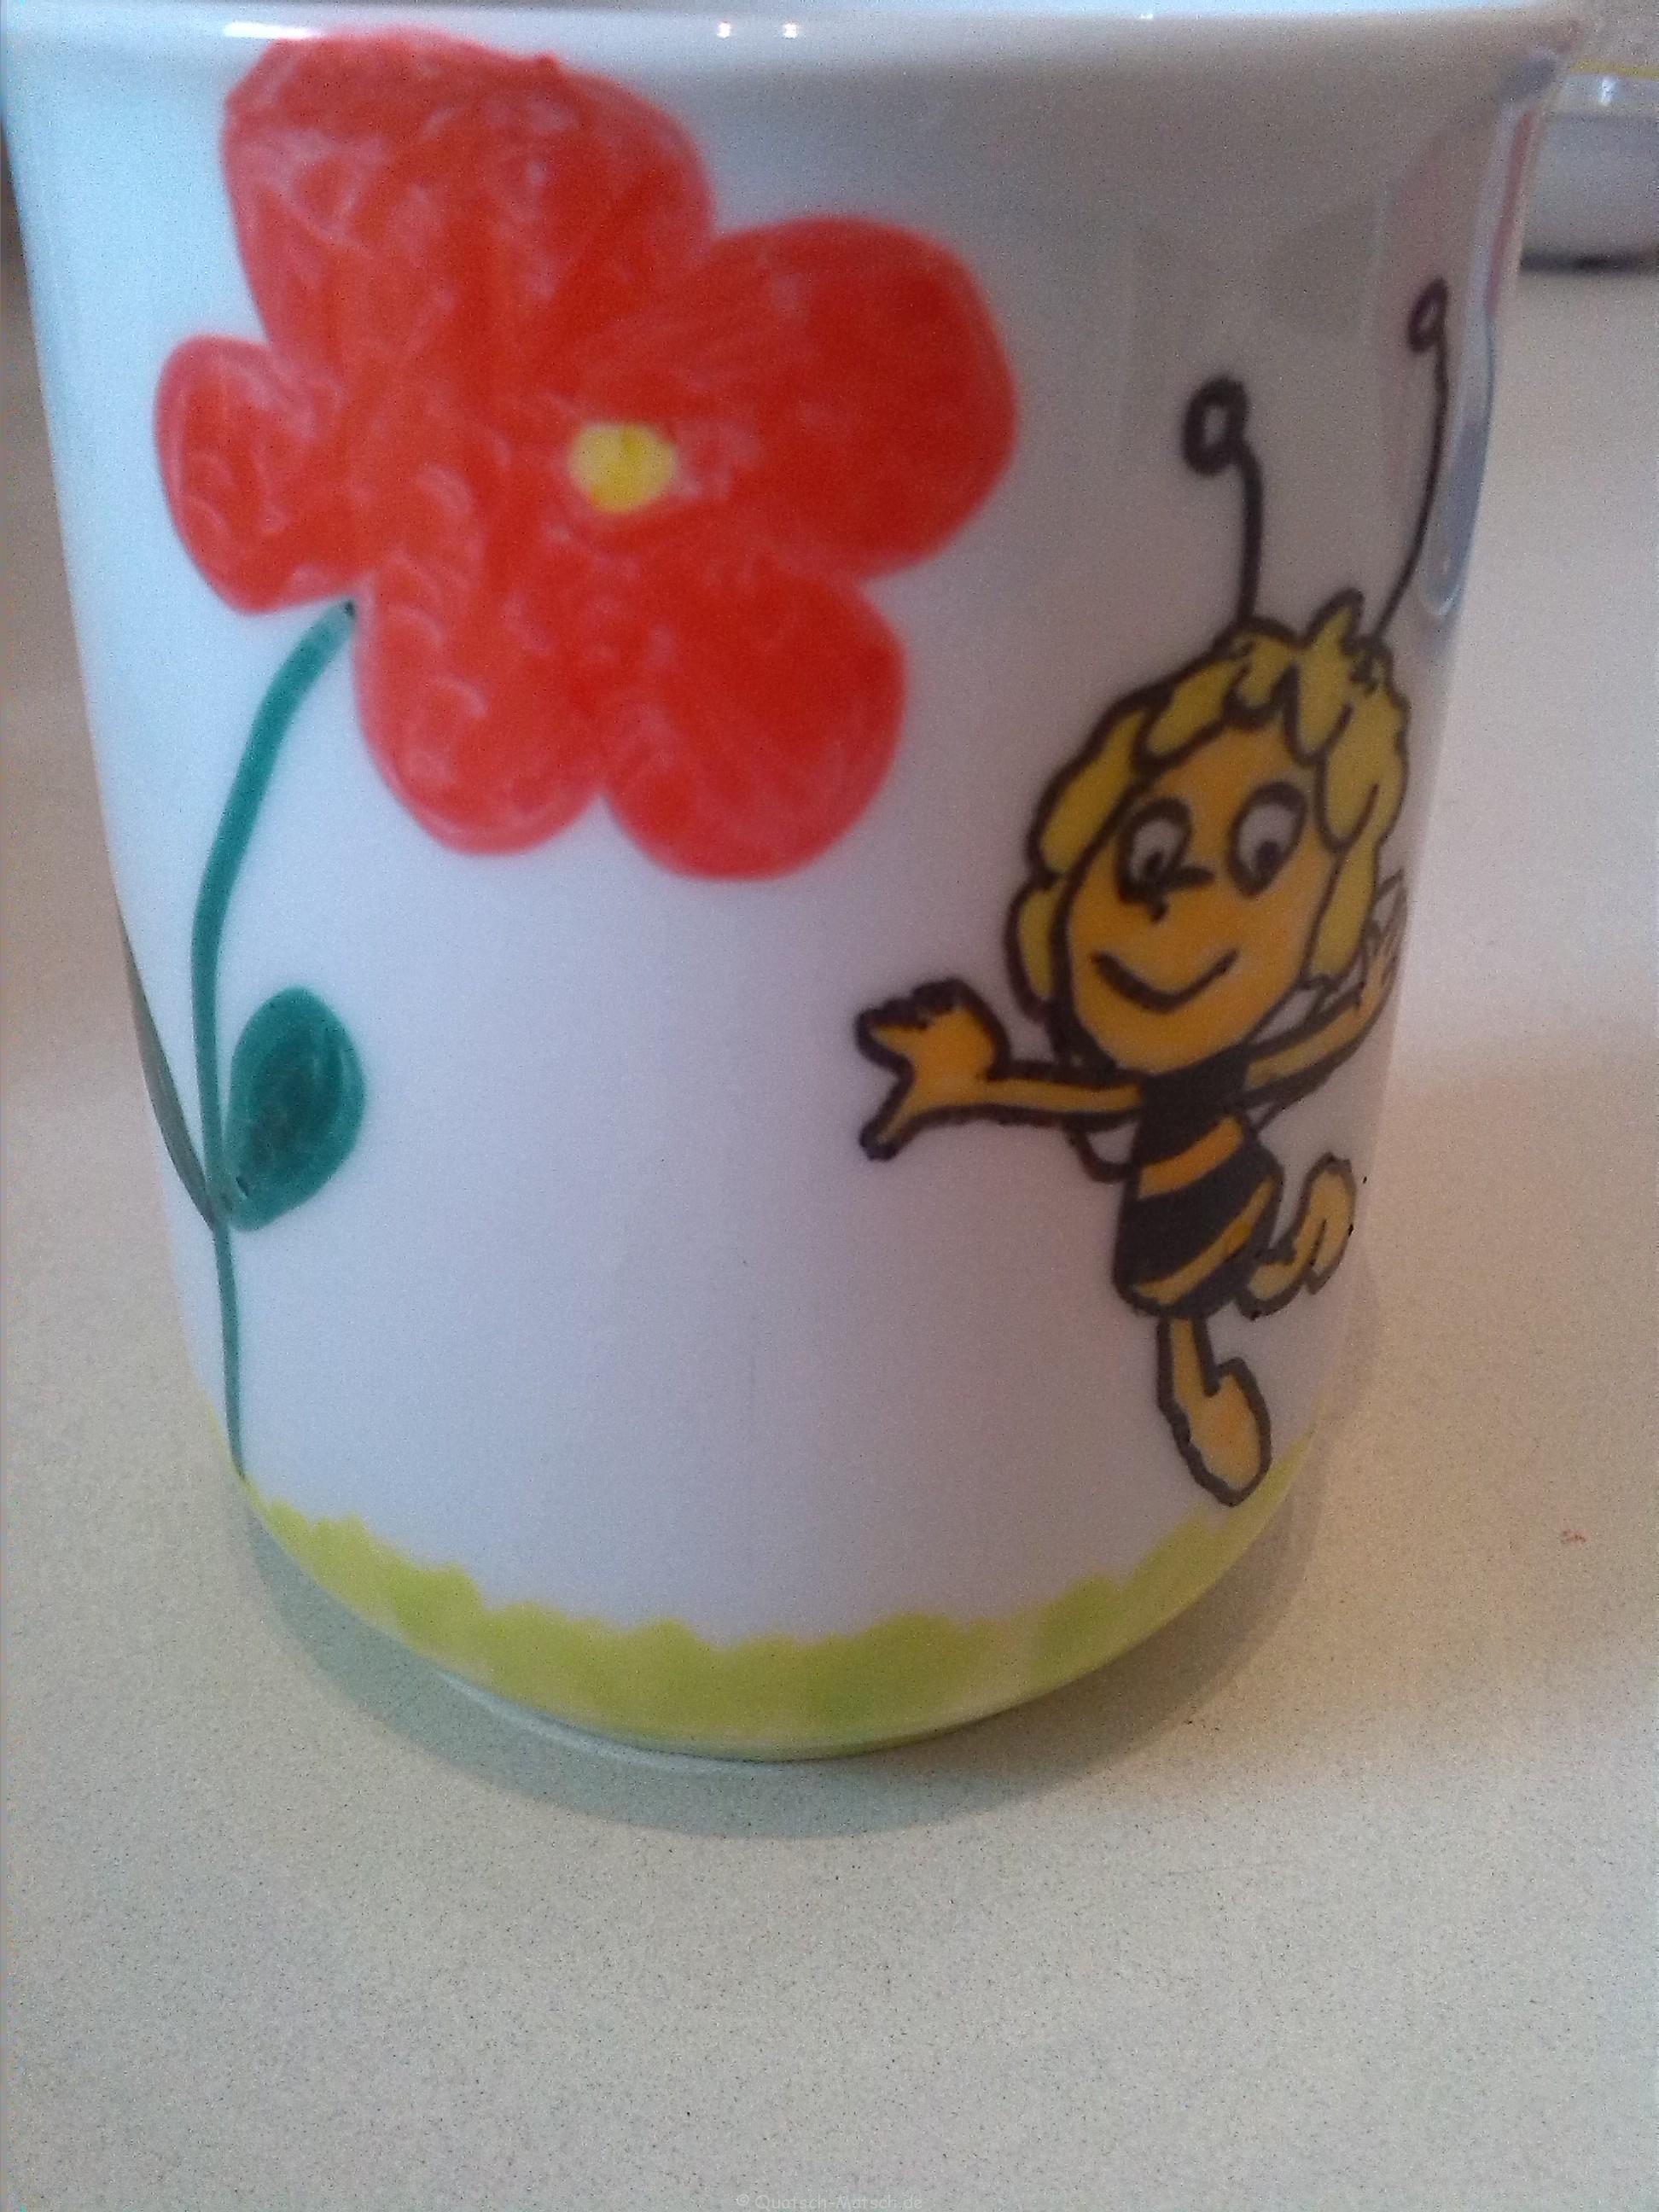 Porzellantassen selber gestalten | Der Familienblog für kreative Eltern